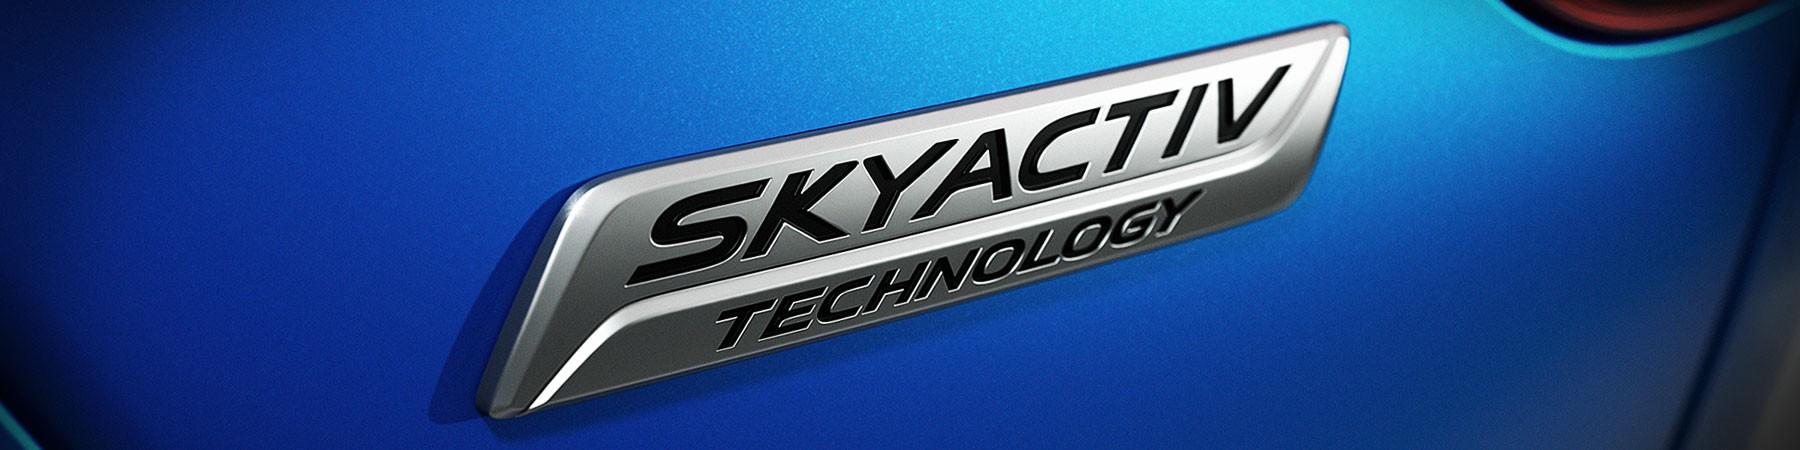 Mazda Skyactiv Logo PNG - 102901